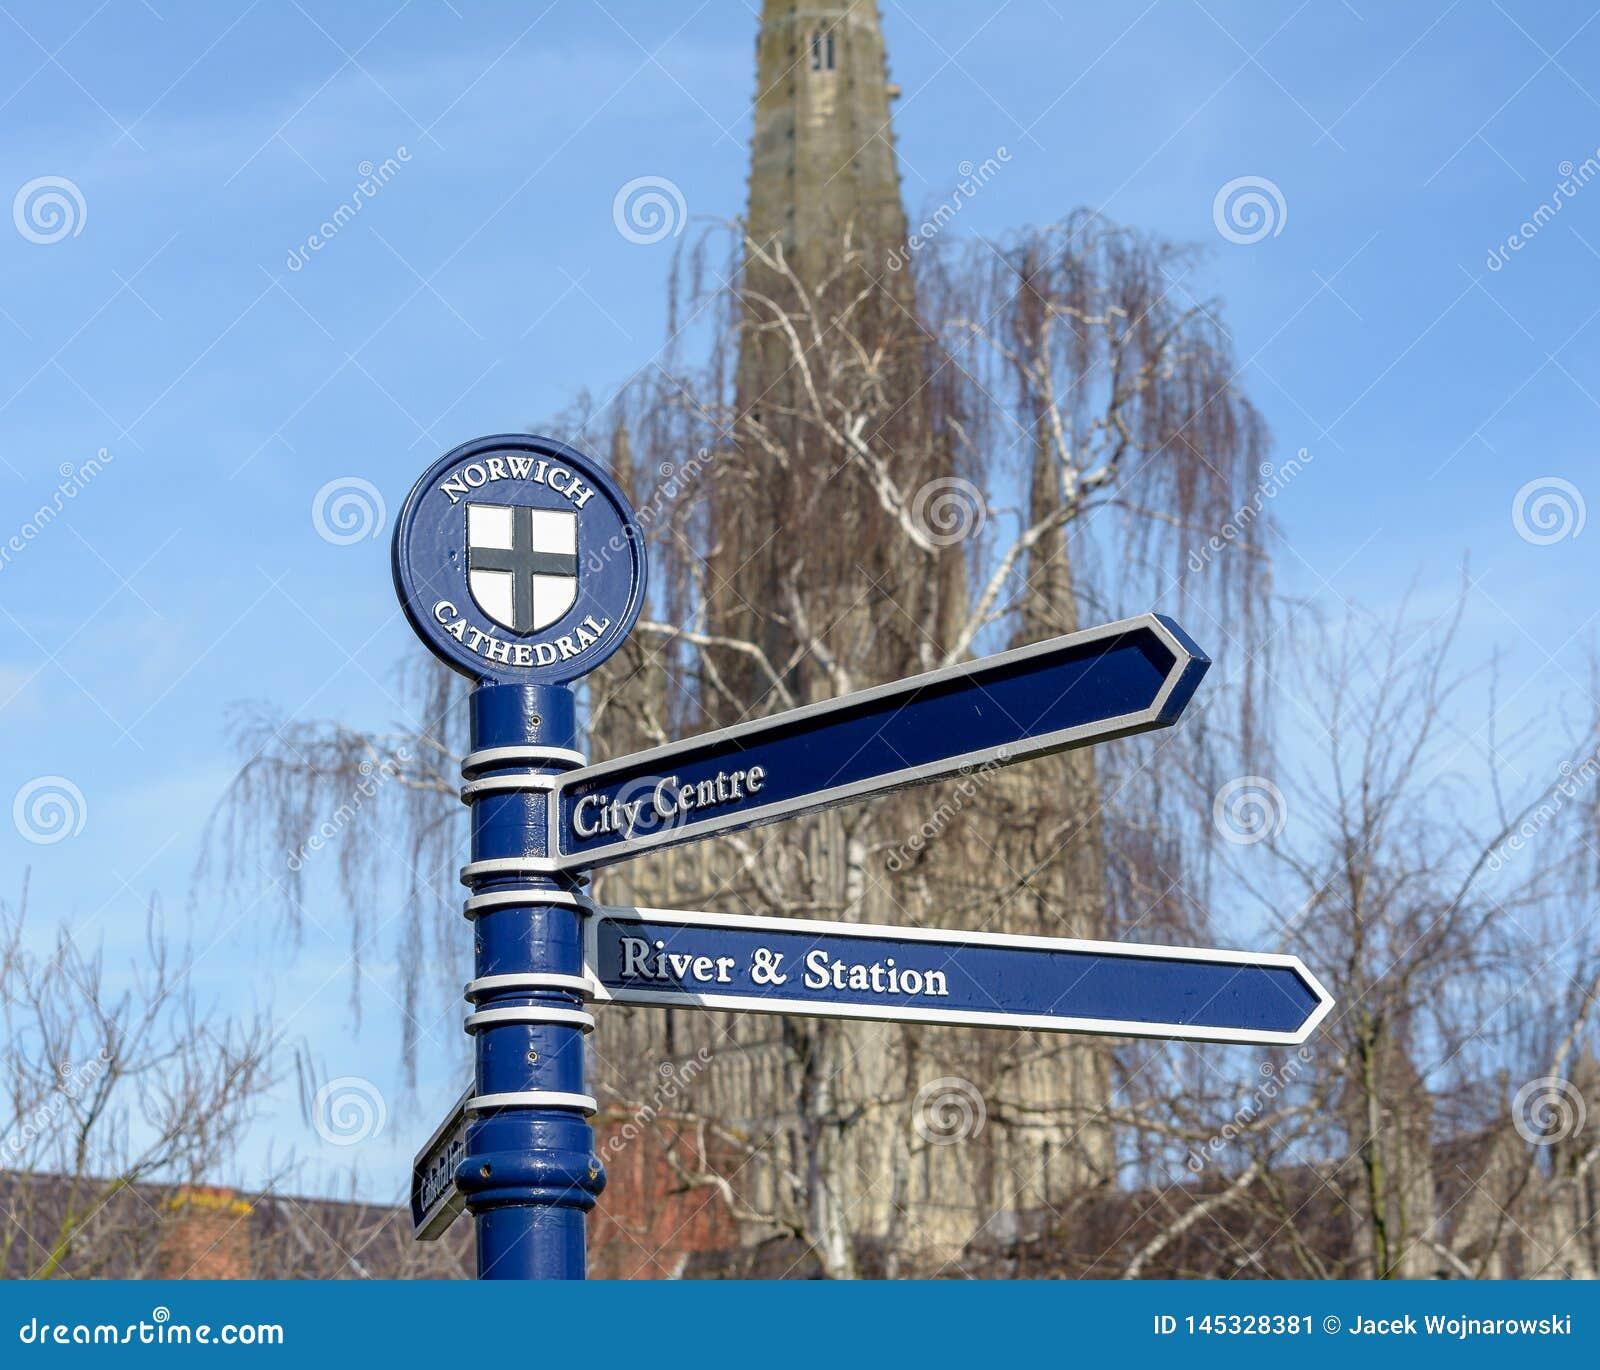 Poteau indicateur de cathédrale de Norwich